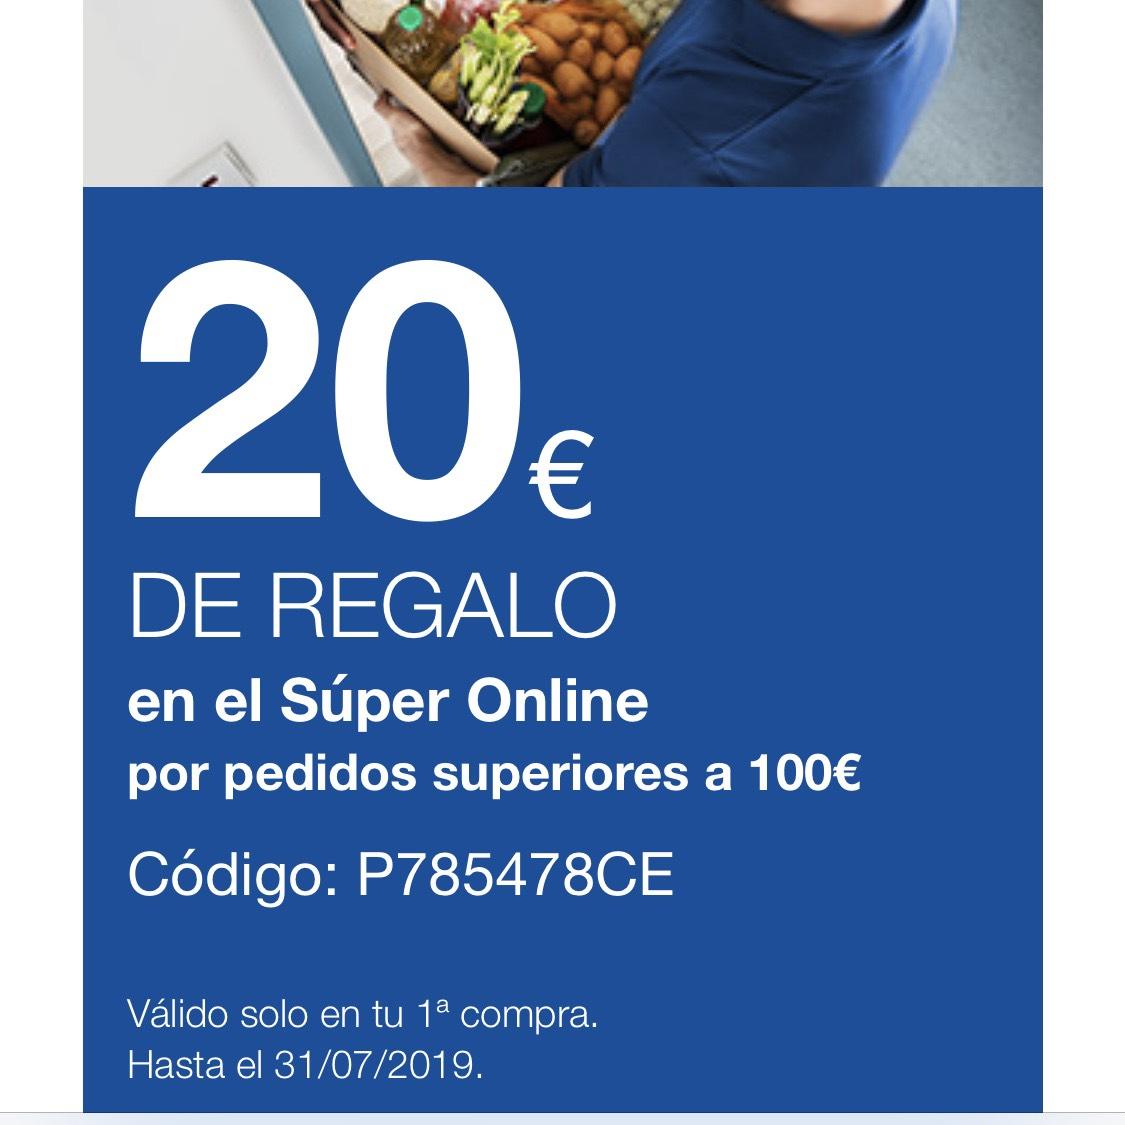 Descuento 20€ primera compra Supermercado Online Carrefour.